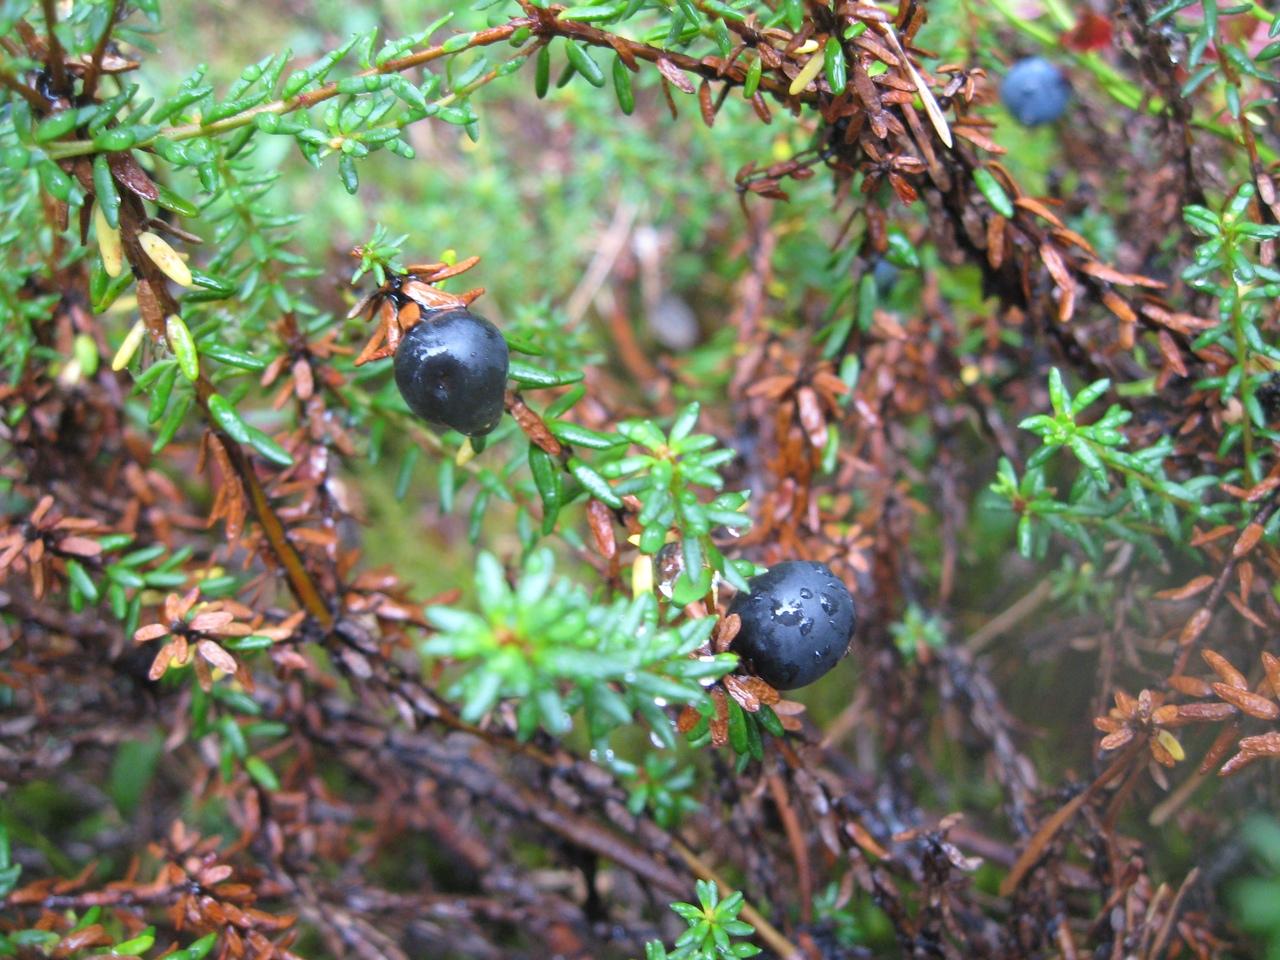 Ягоды севера: Водяника черная (Шикша). Дар природы, о котором почти никто не знает.